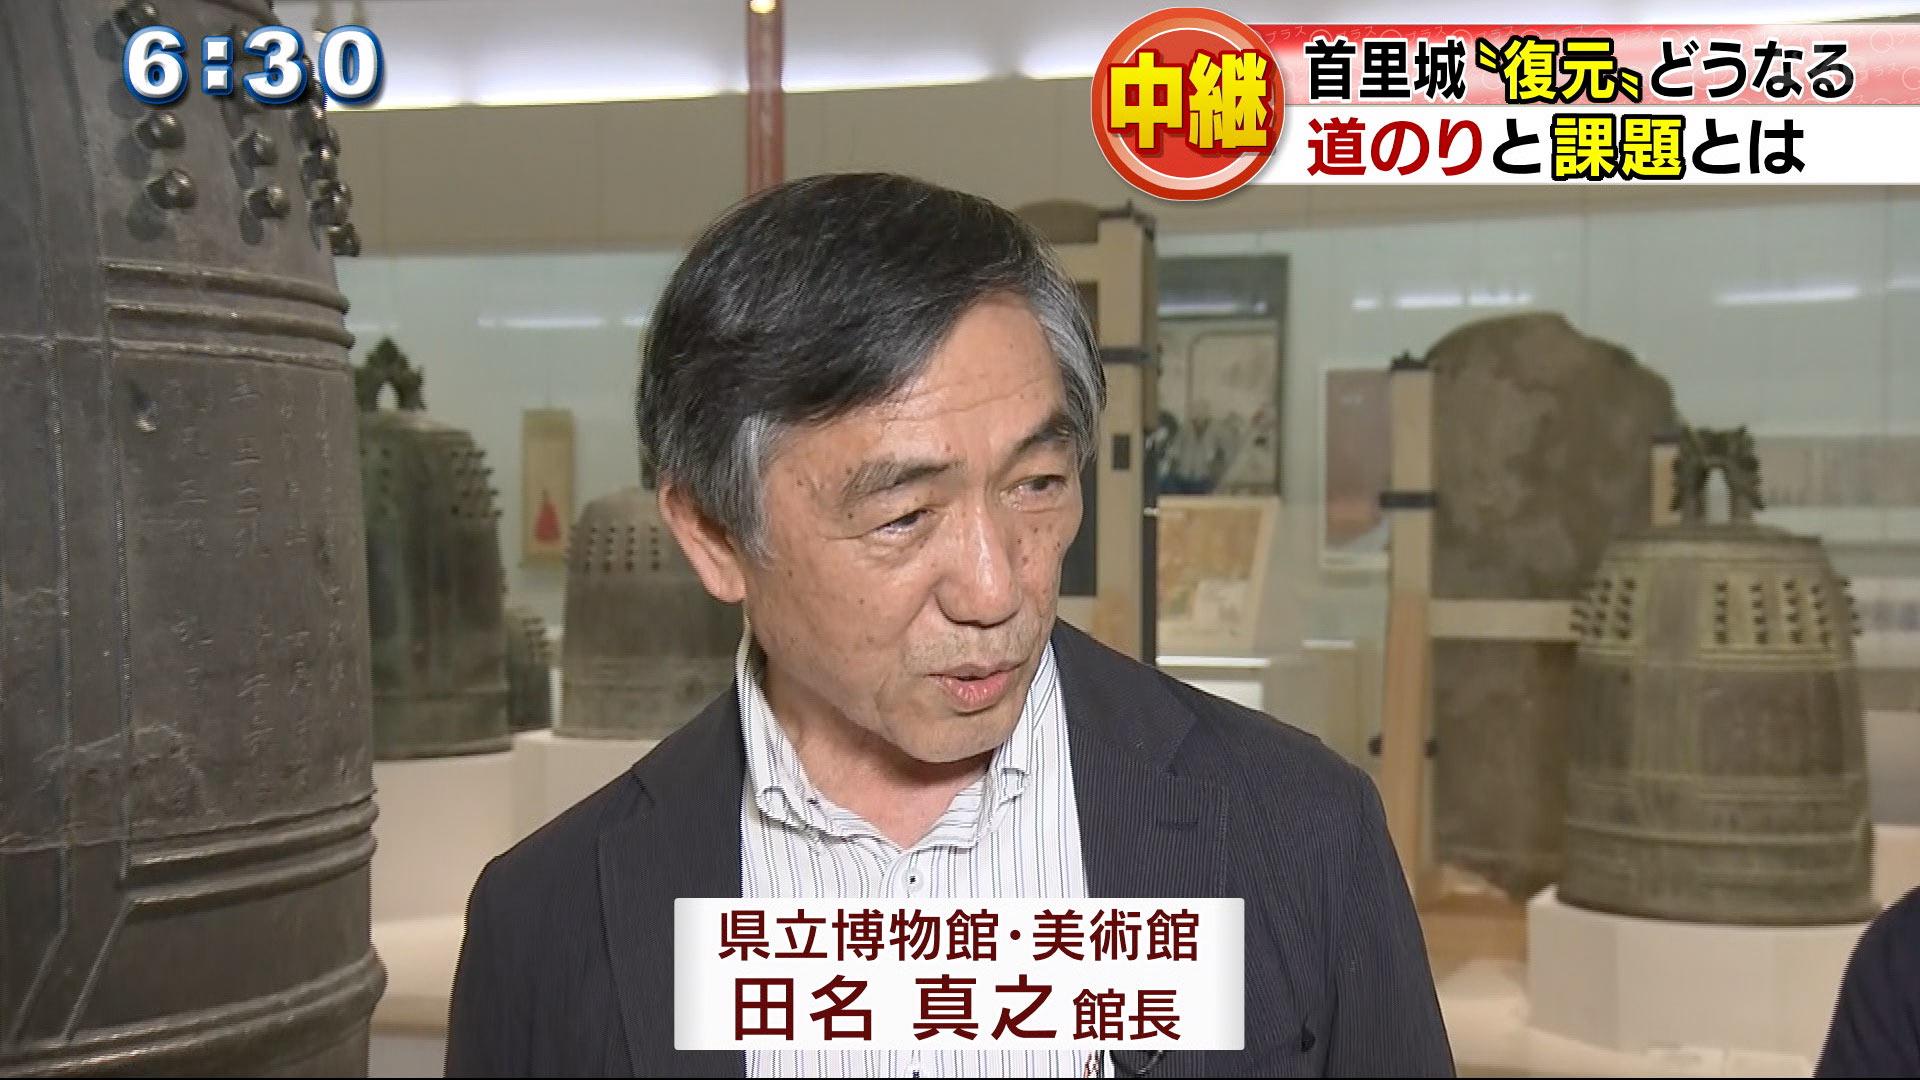 県立博物館美術館の館長田名真之(だな・まさゆき)さん